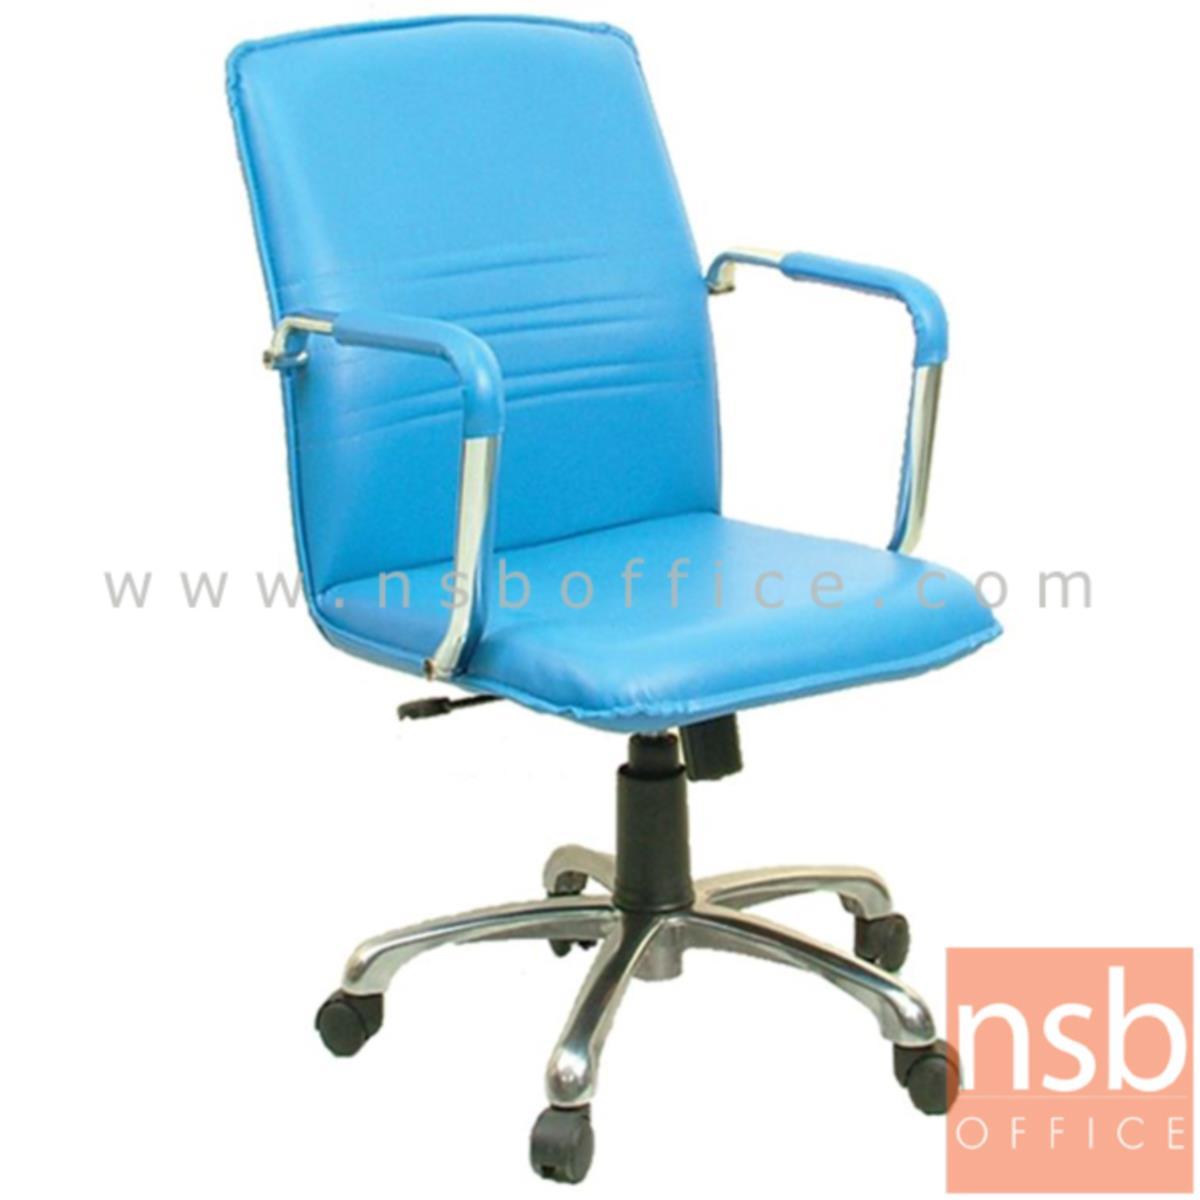 B03A289:เก้าอี้สำนักงาน รุ่น Saoirse (เซอร์ชา)  โช๊คแก๊ส มีก้อนโยก ขาเหล็กชุบโครเมี่ยม